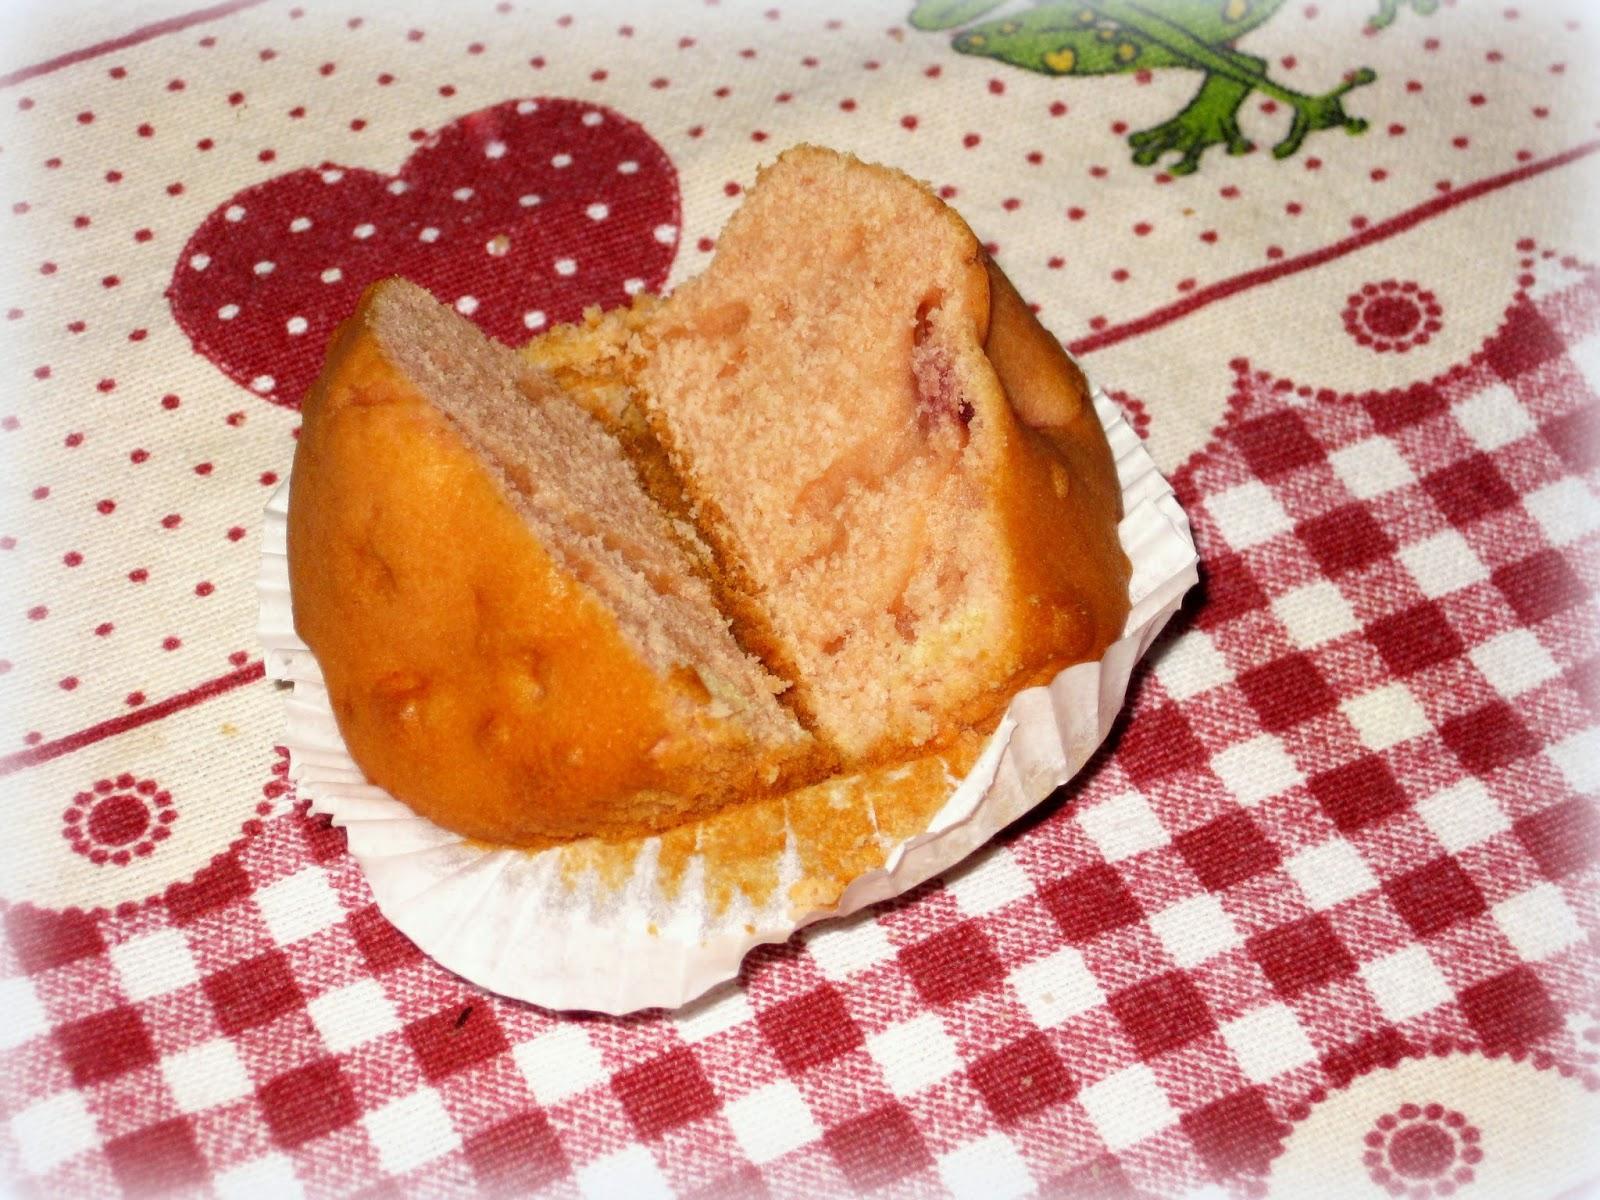 La ricetta dei Muffins arricchita con pezzi di Fragole è davvero una variante super golosa dei tipici dolcetti americani.